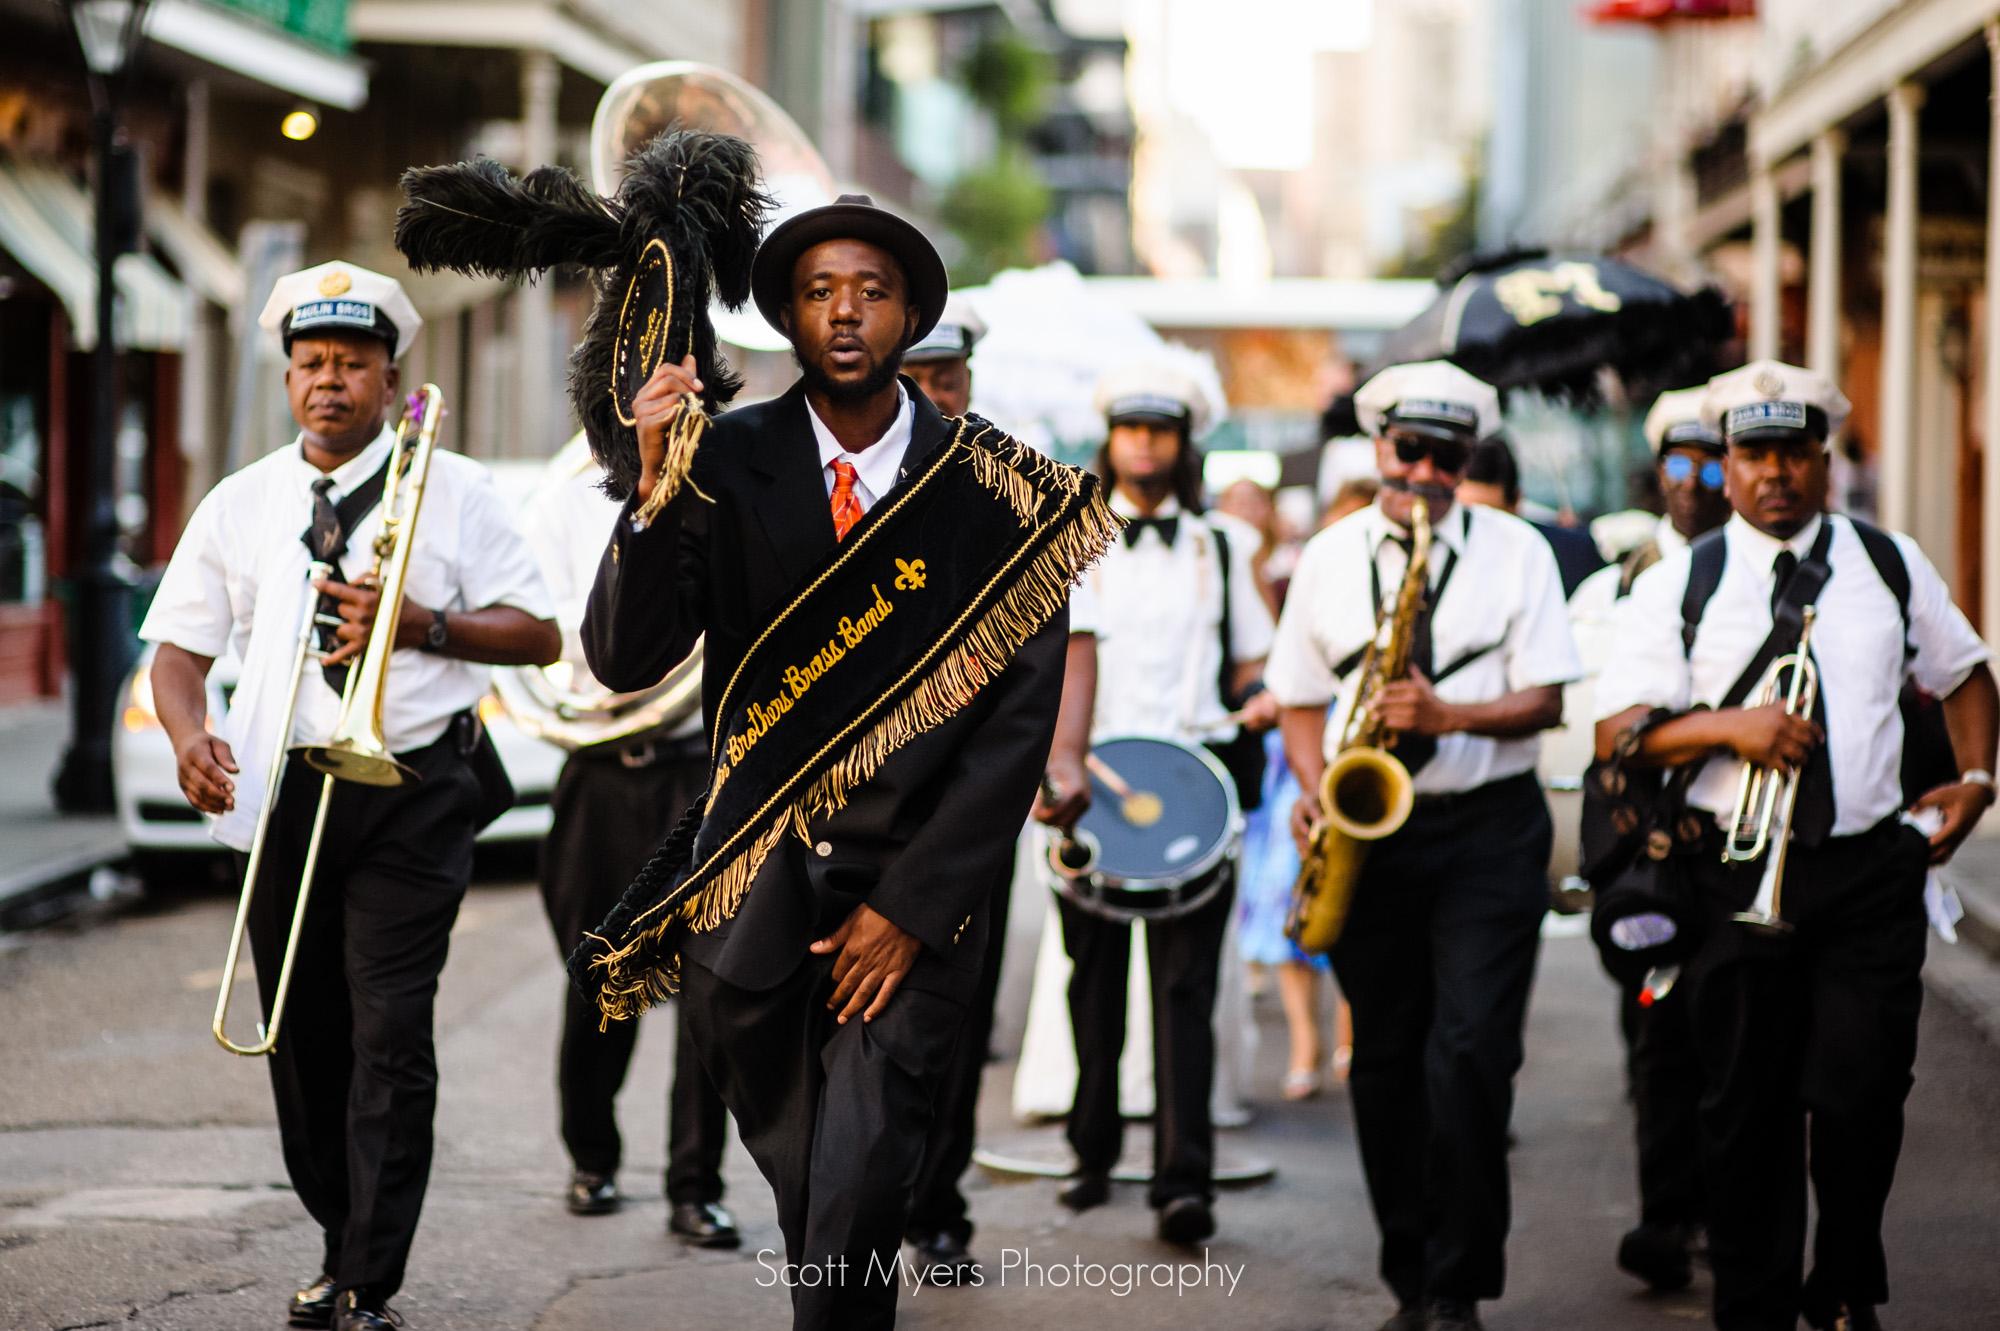 Scott_Myers_Wedding_New_Orleans_046.jpg